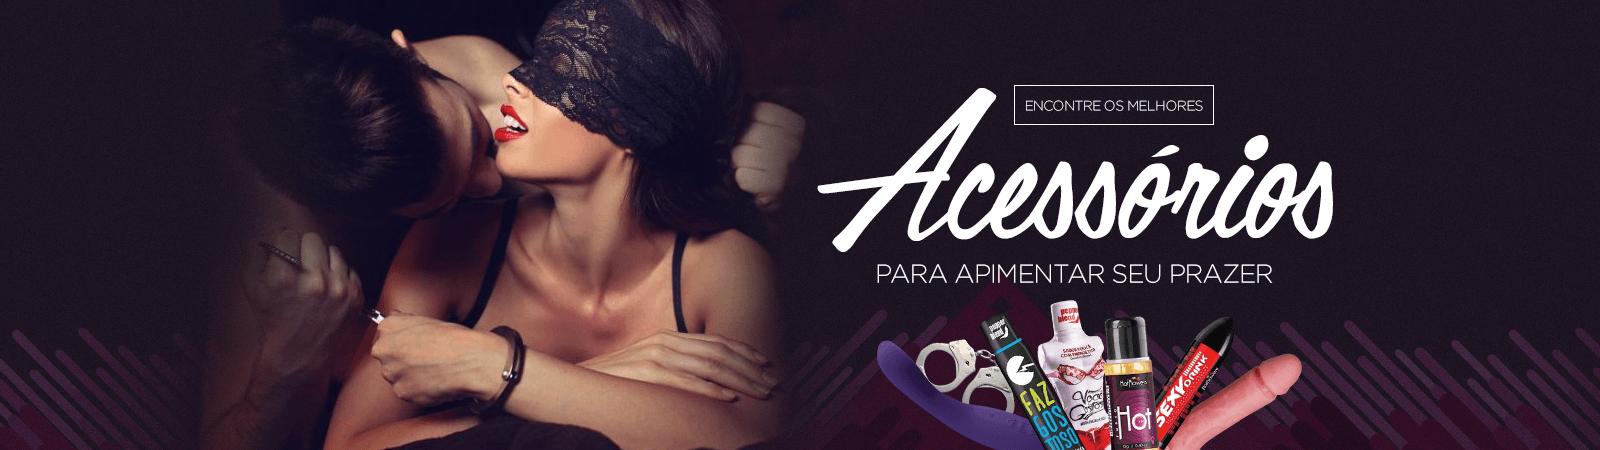 Banner Acessorios - Seu Prazer Shop